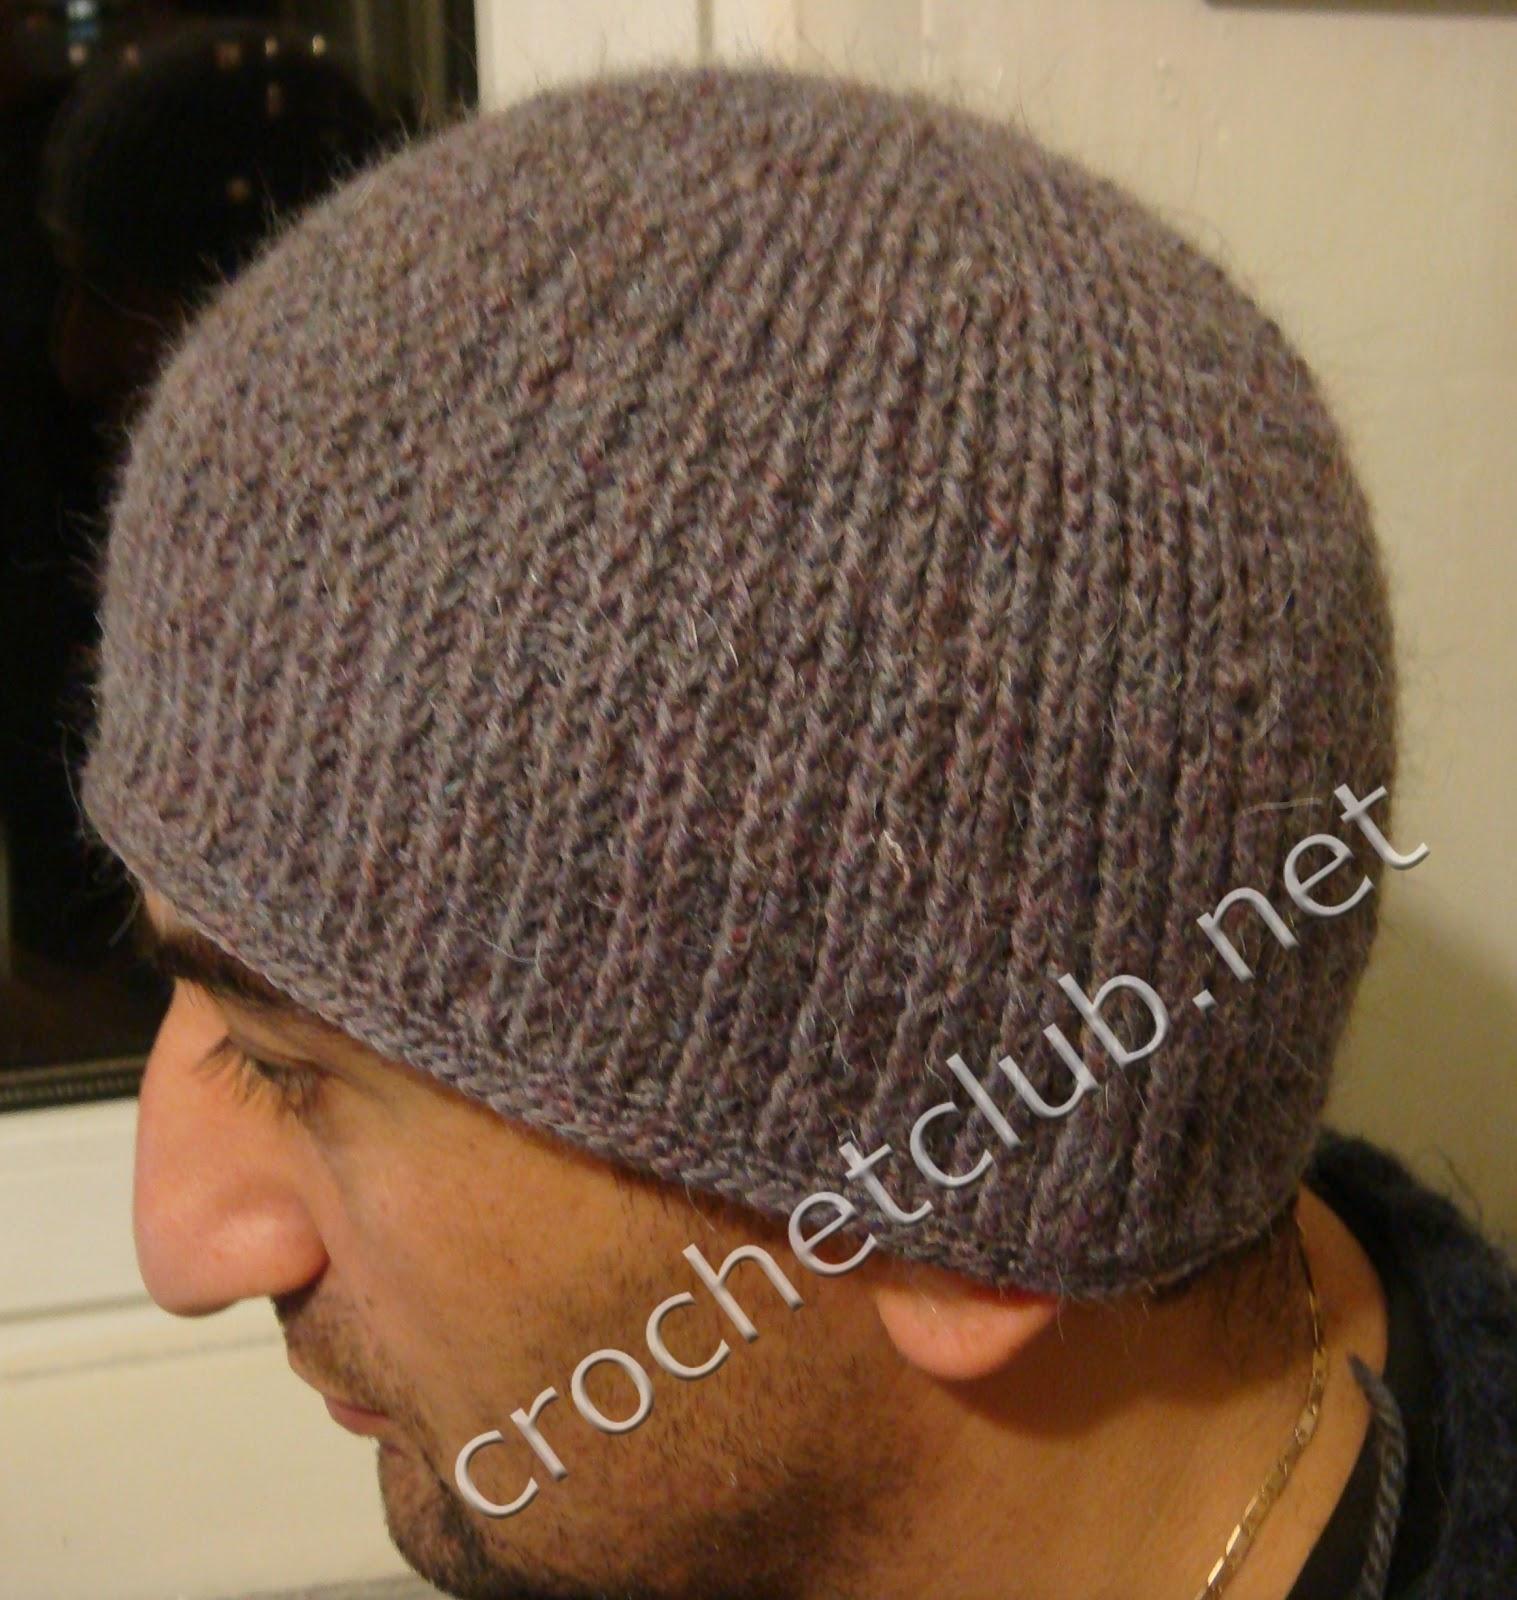 Вязание шапок. Бесплатные схемы вязания спицами шапок для 8